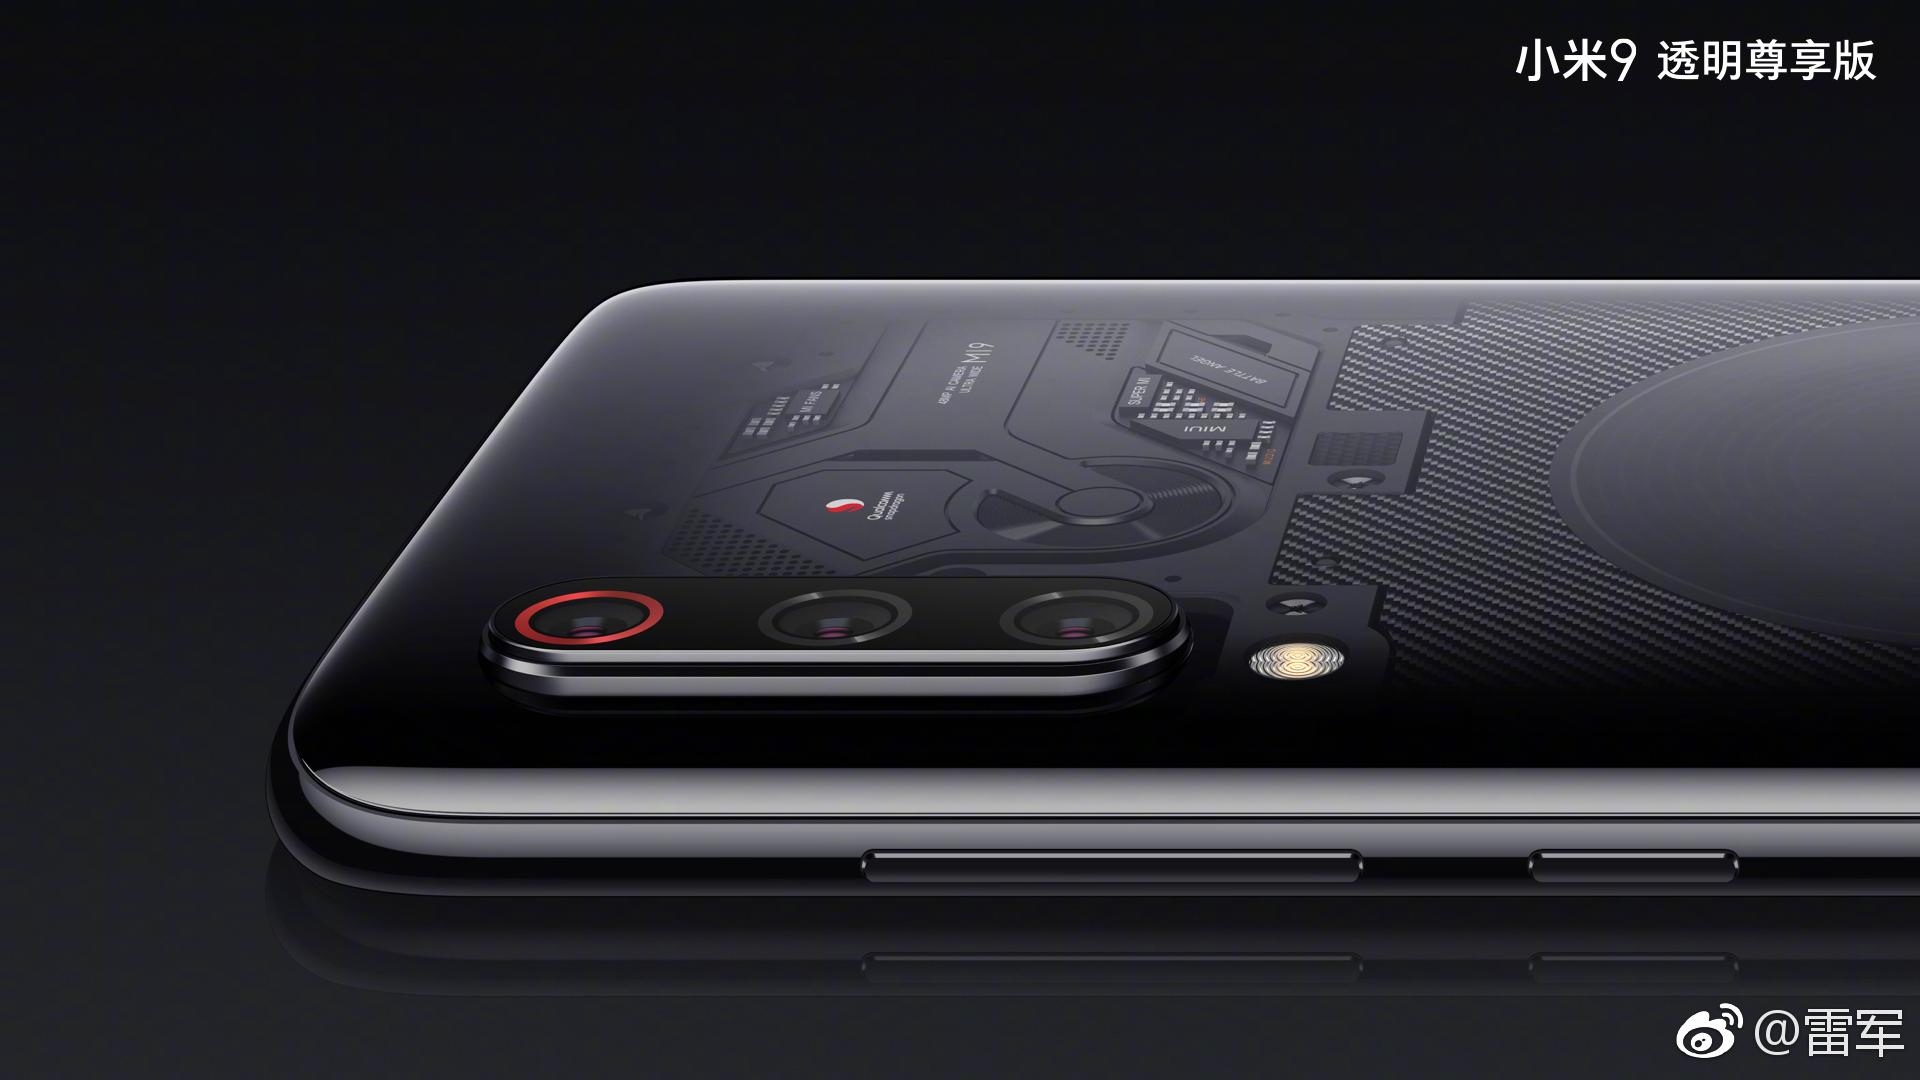 Xiaomi mi 9, cubierta transparente, contará con mejora de cobertura MIMO 4x4 y HPUE noticias xiaomi adictos xiaomiadictos